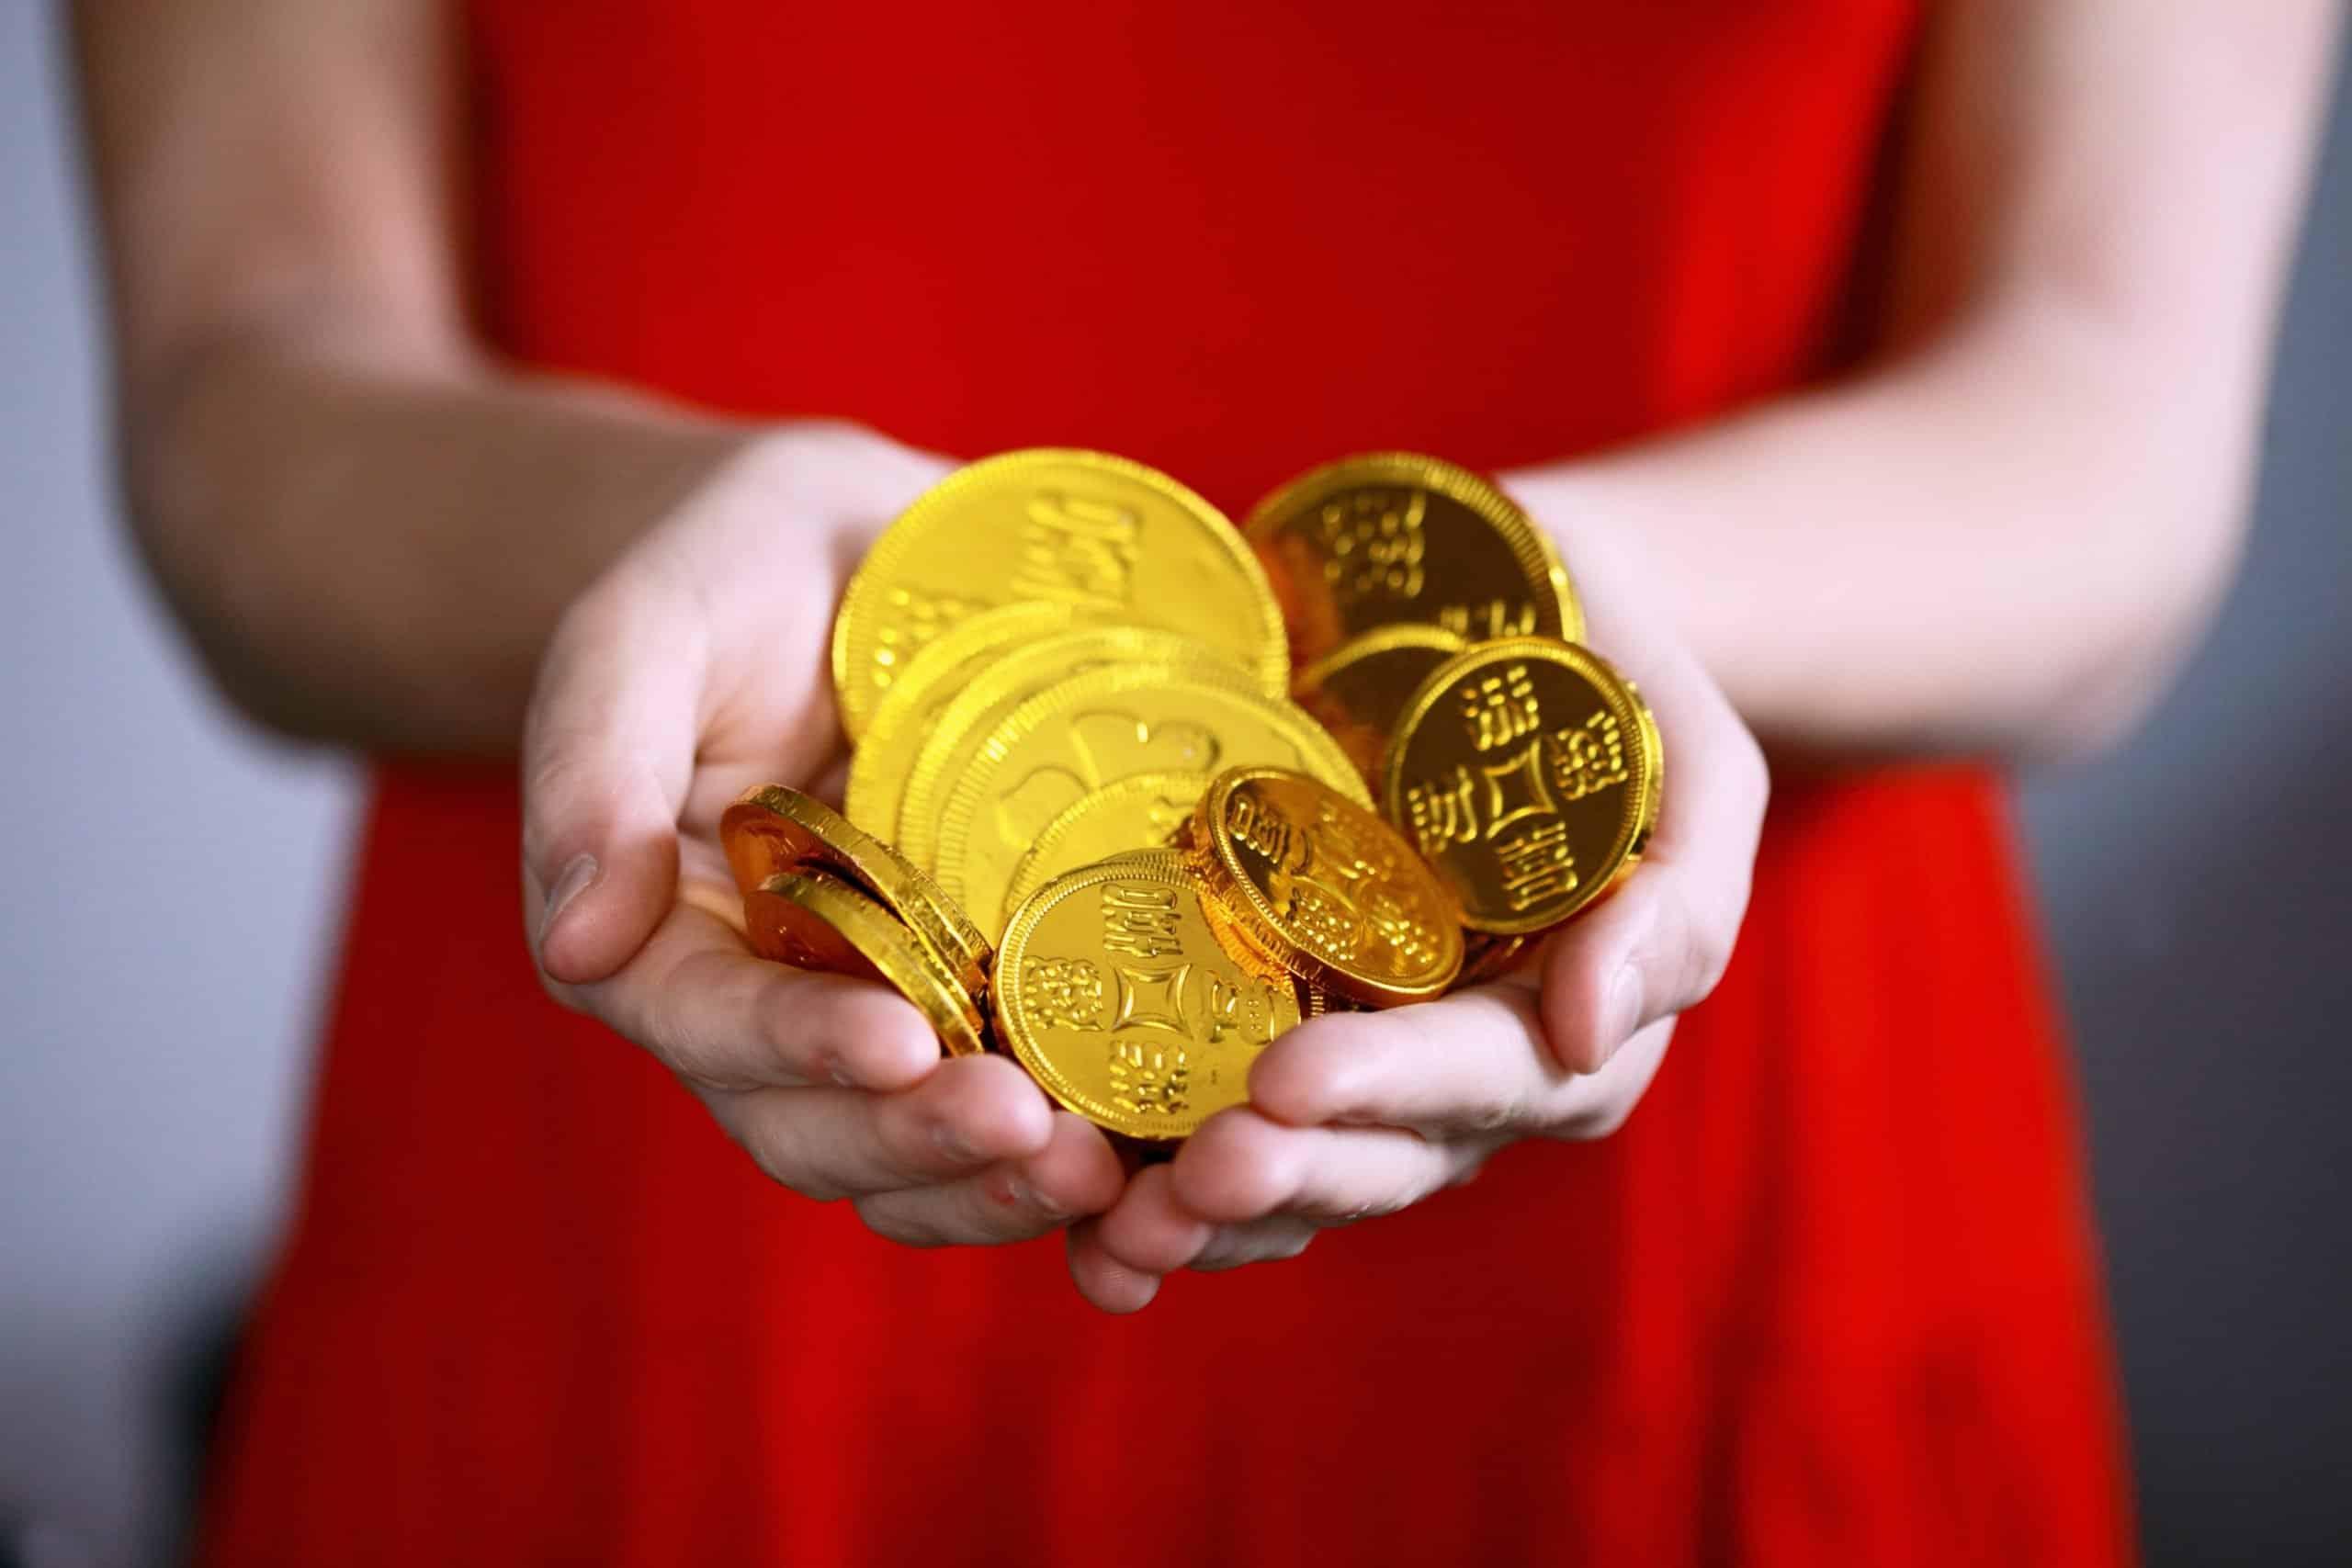 érmék, hogyan lehet gyorsan pénzt keresni)